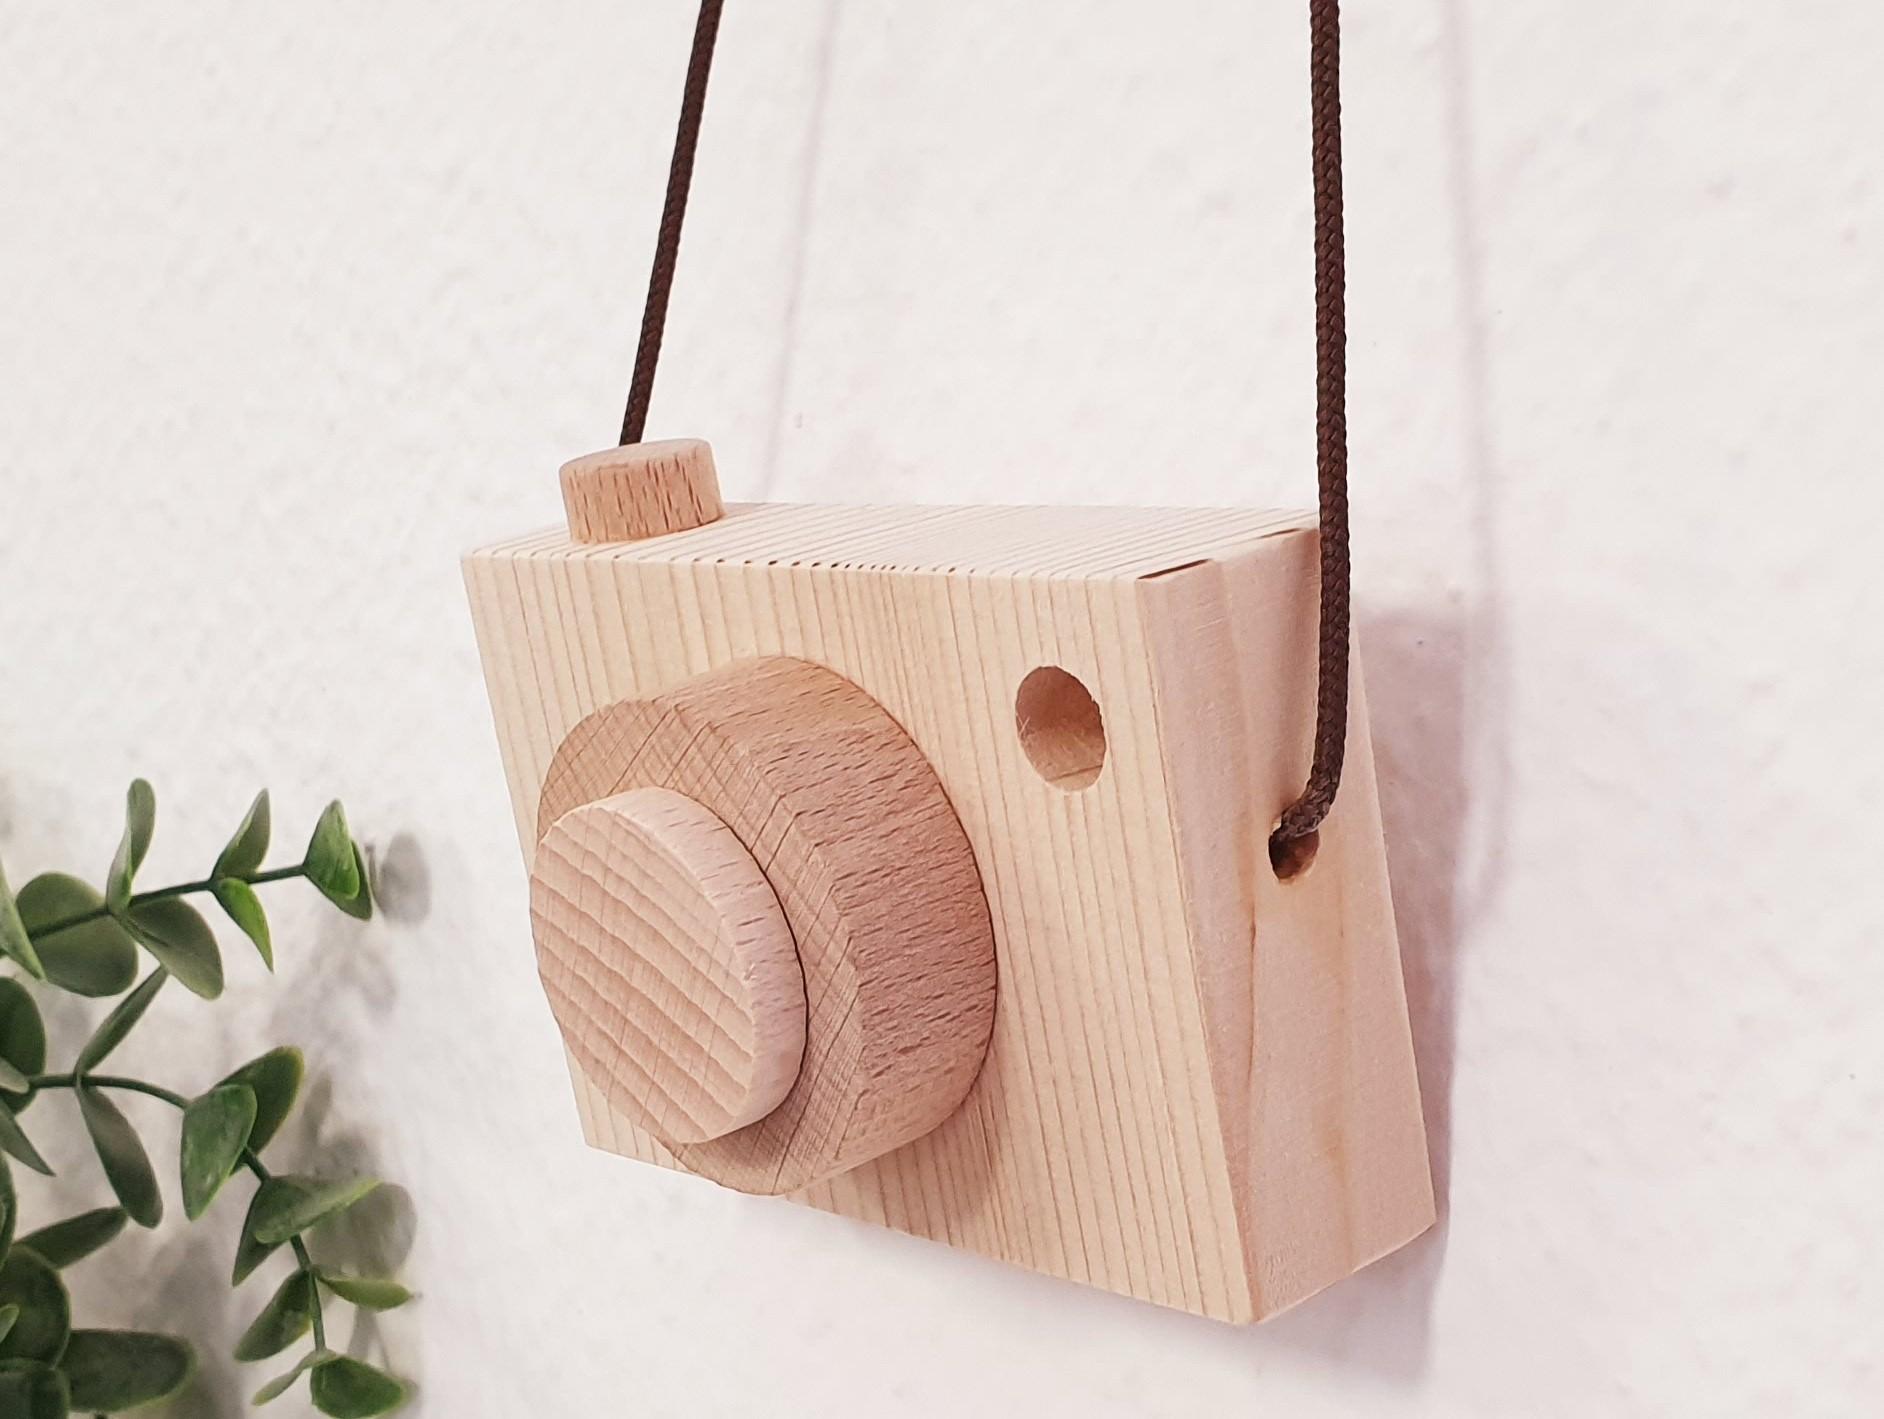 Natural wood photo camera Ref.CA2020